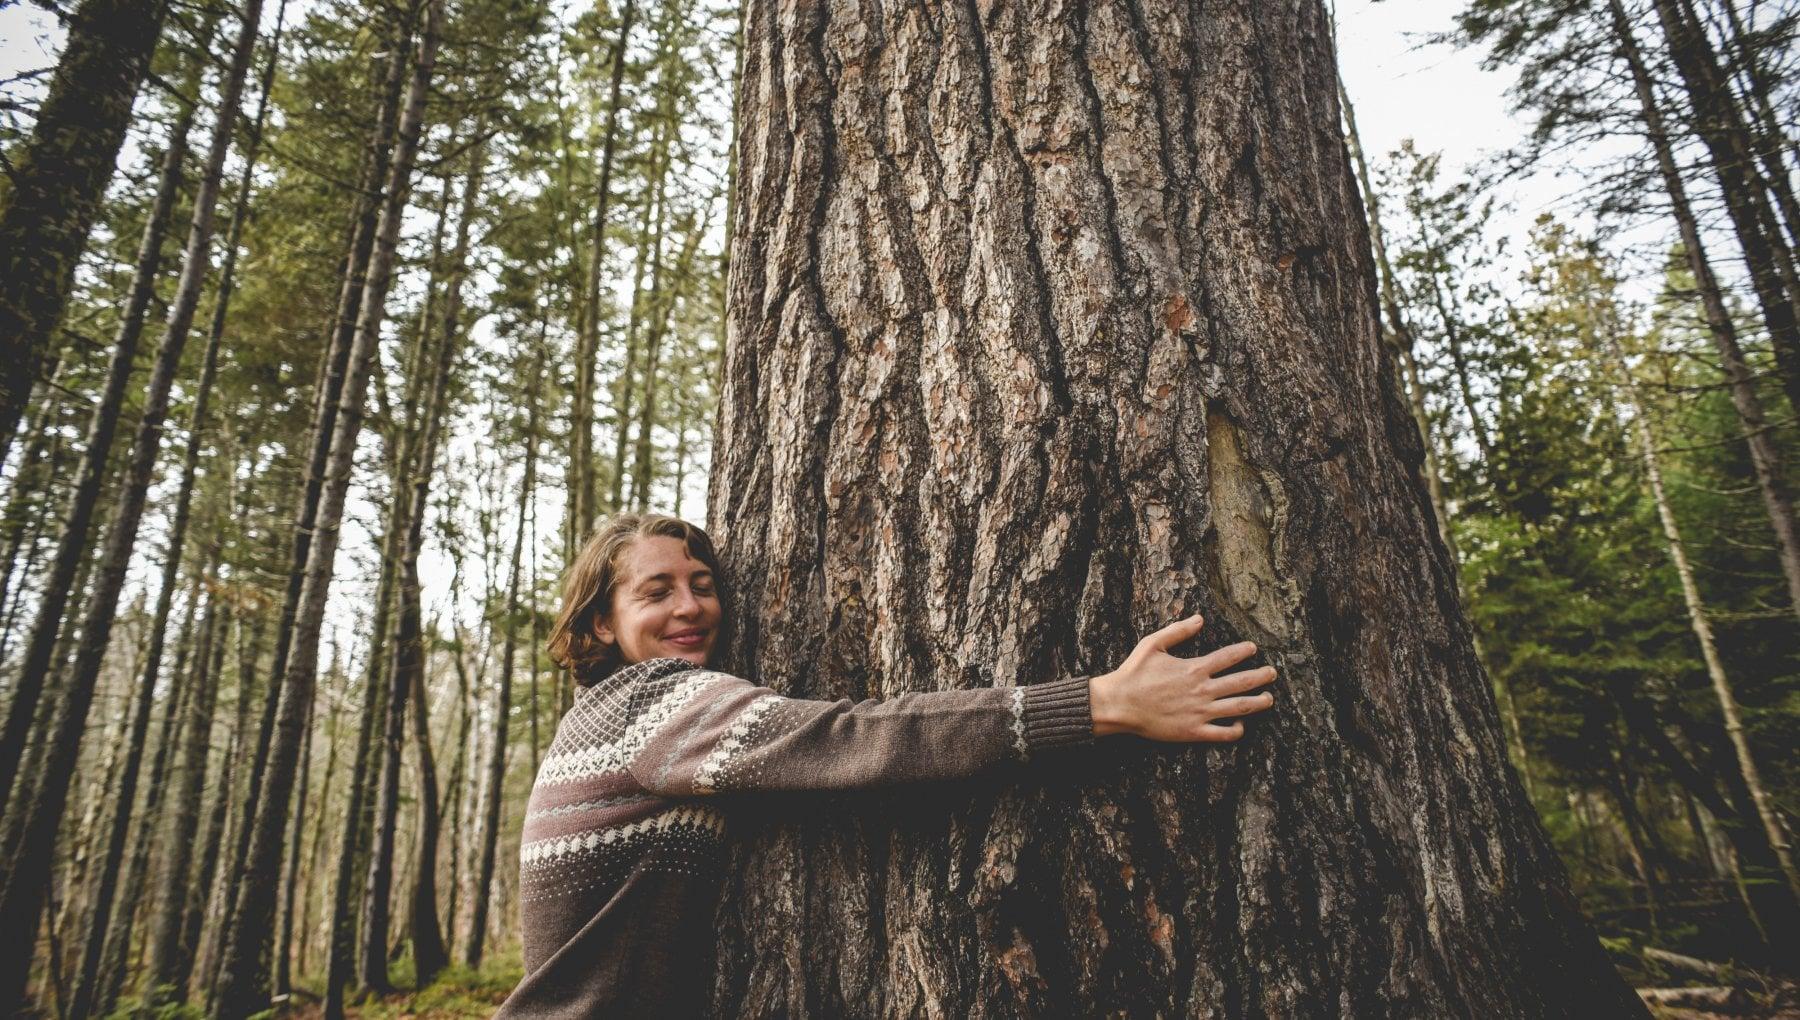 Gabrielle Filteau Chiba La mia vita e lamore nella foresta